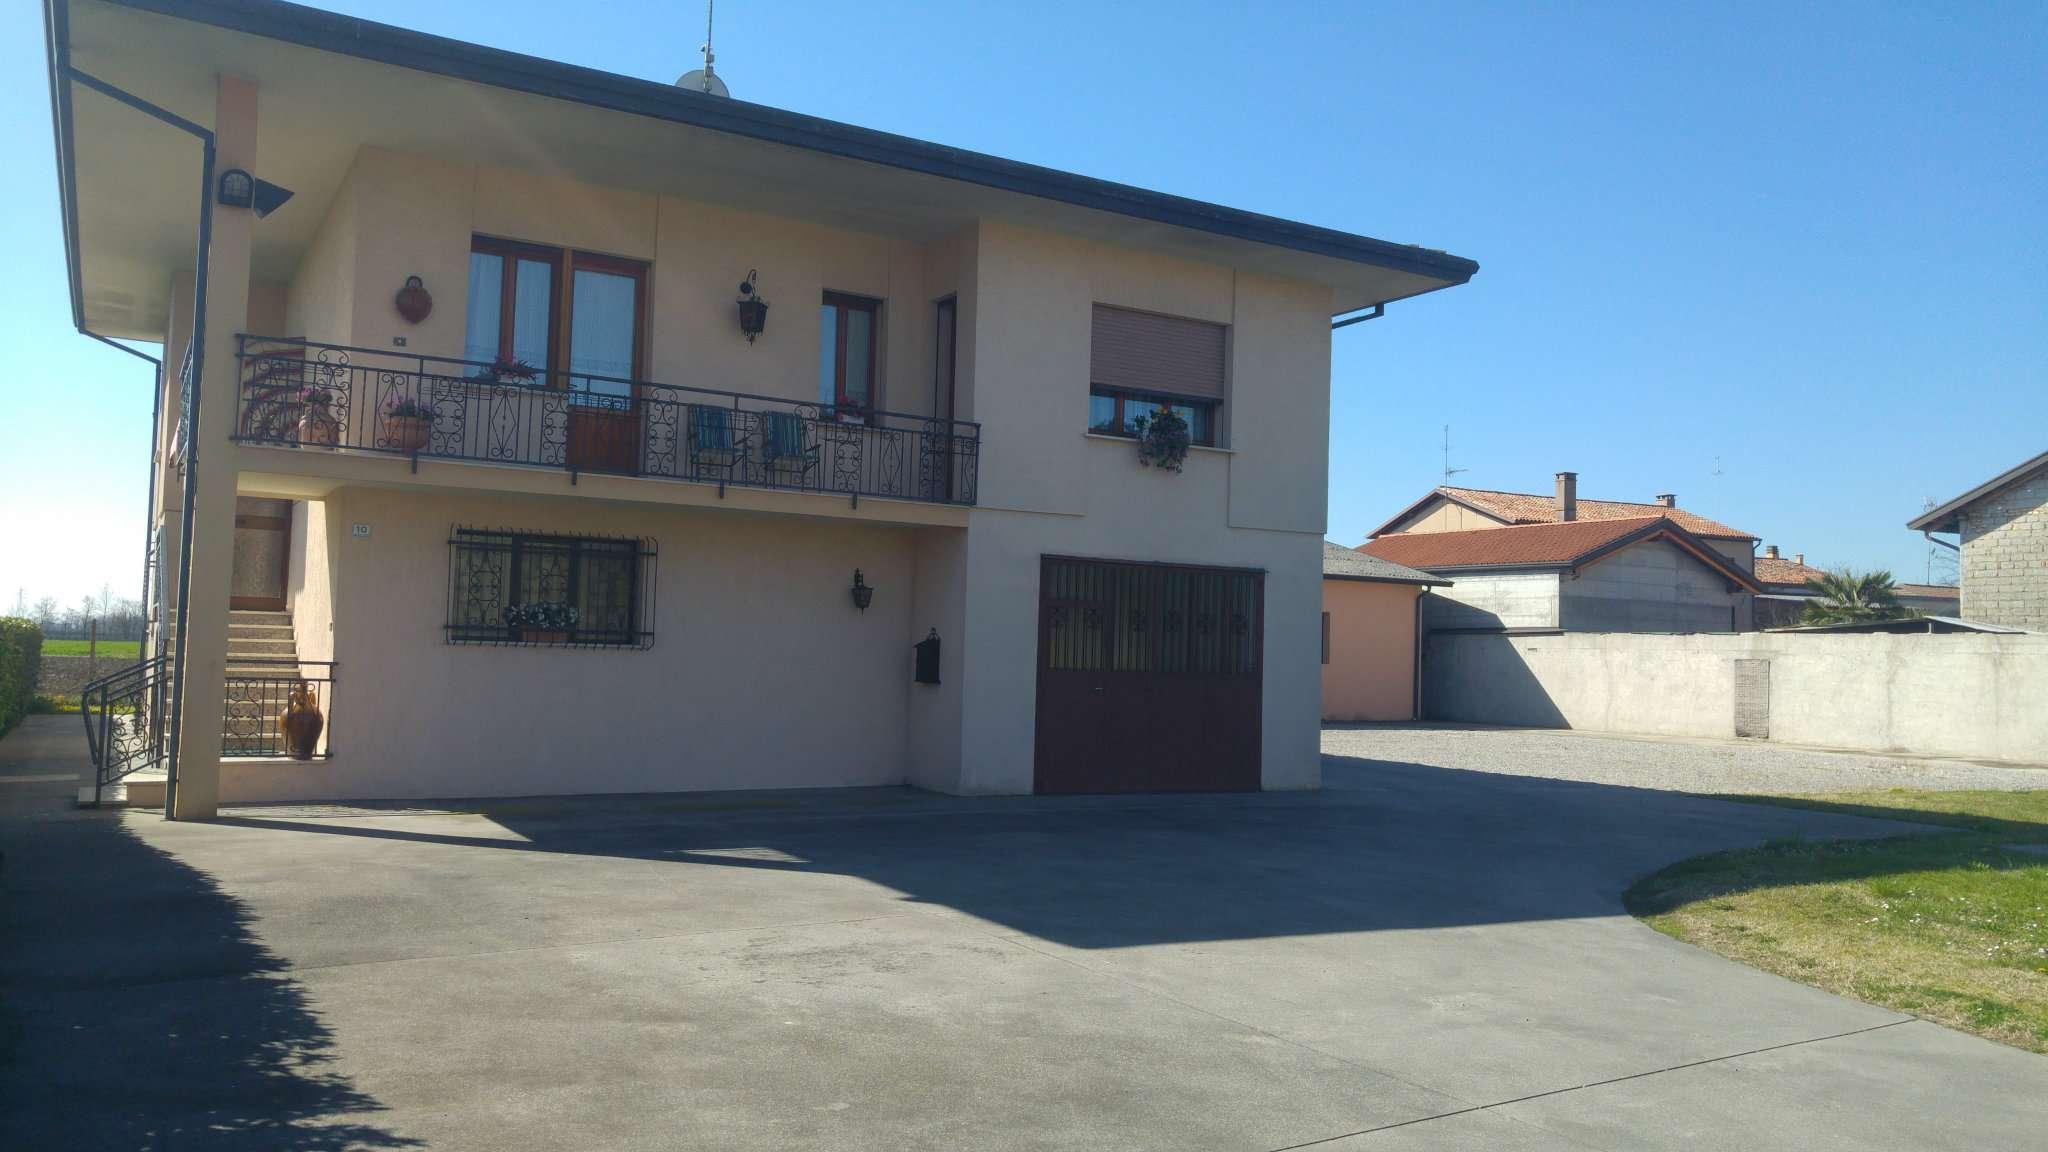 Soluzione Indipendente in vendita a Gaiarine, 5 locali, prezzo € 250.000 | CambioCasa.it